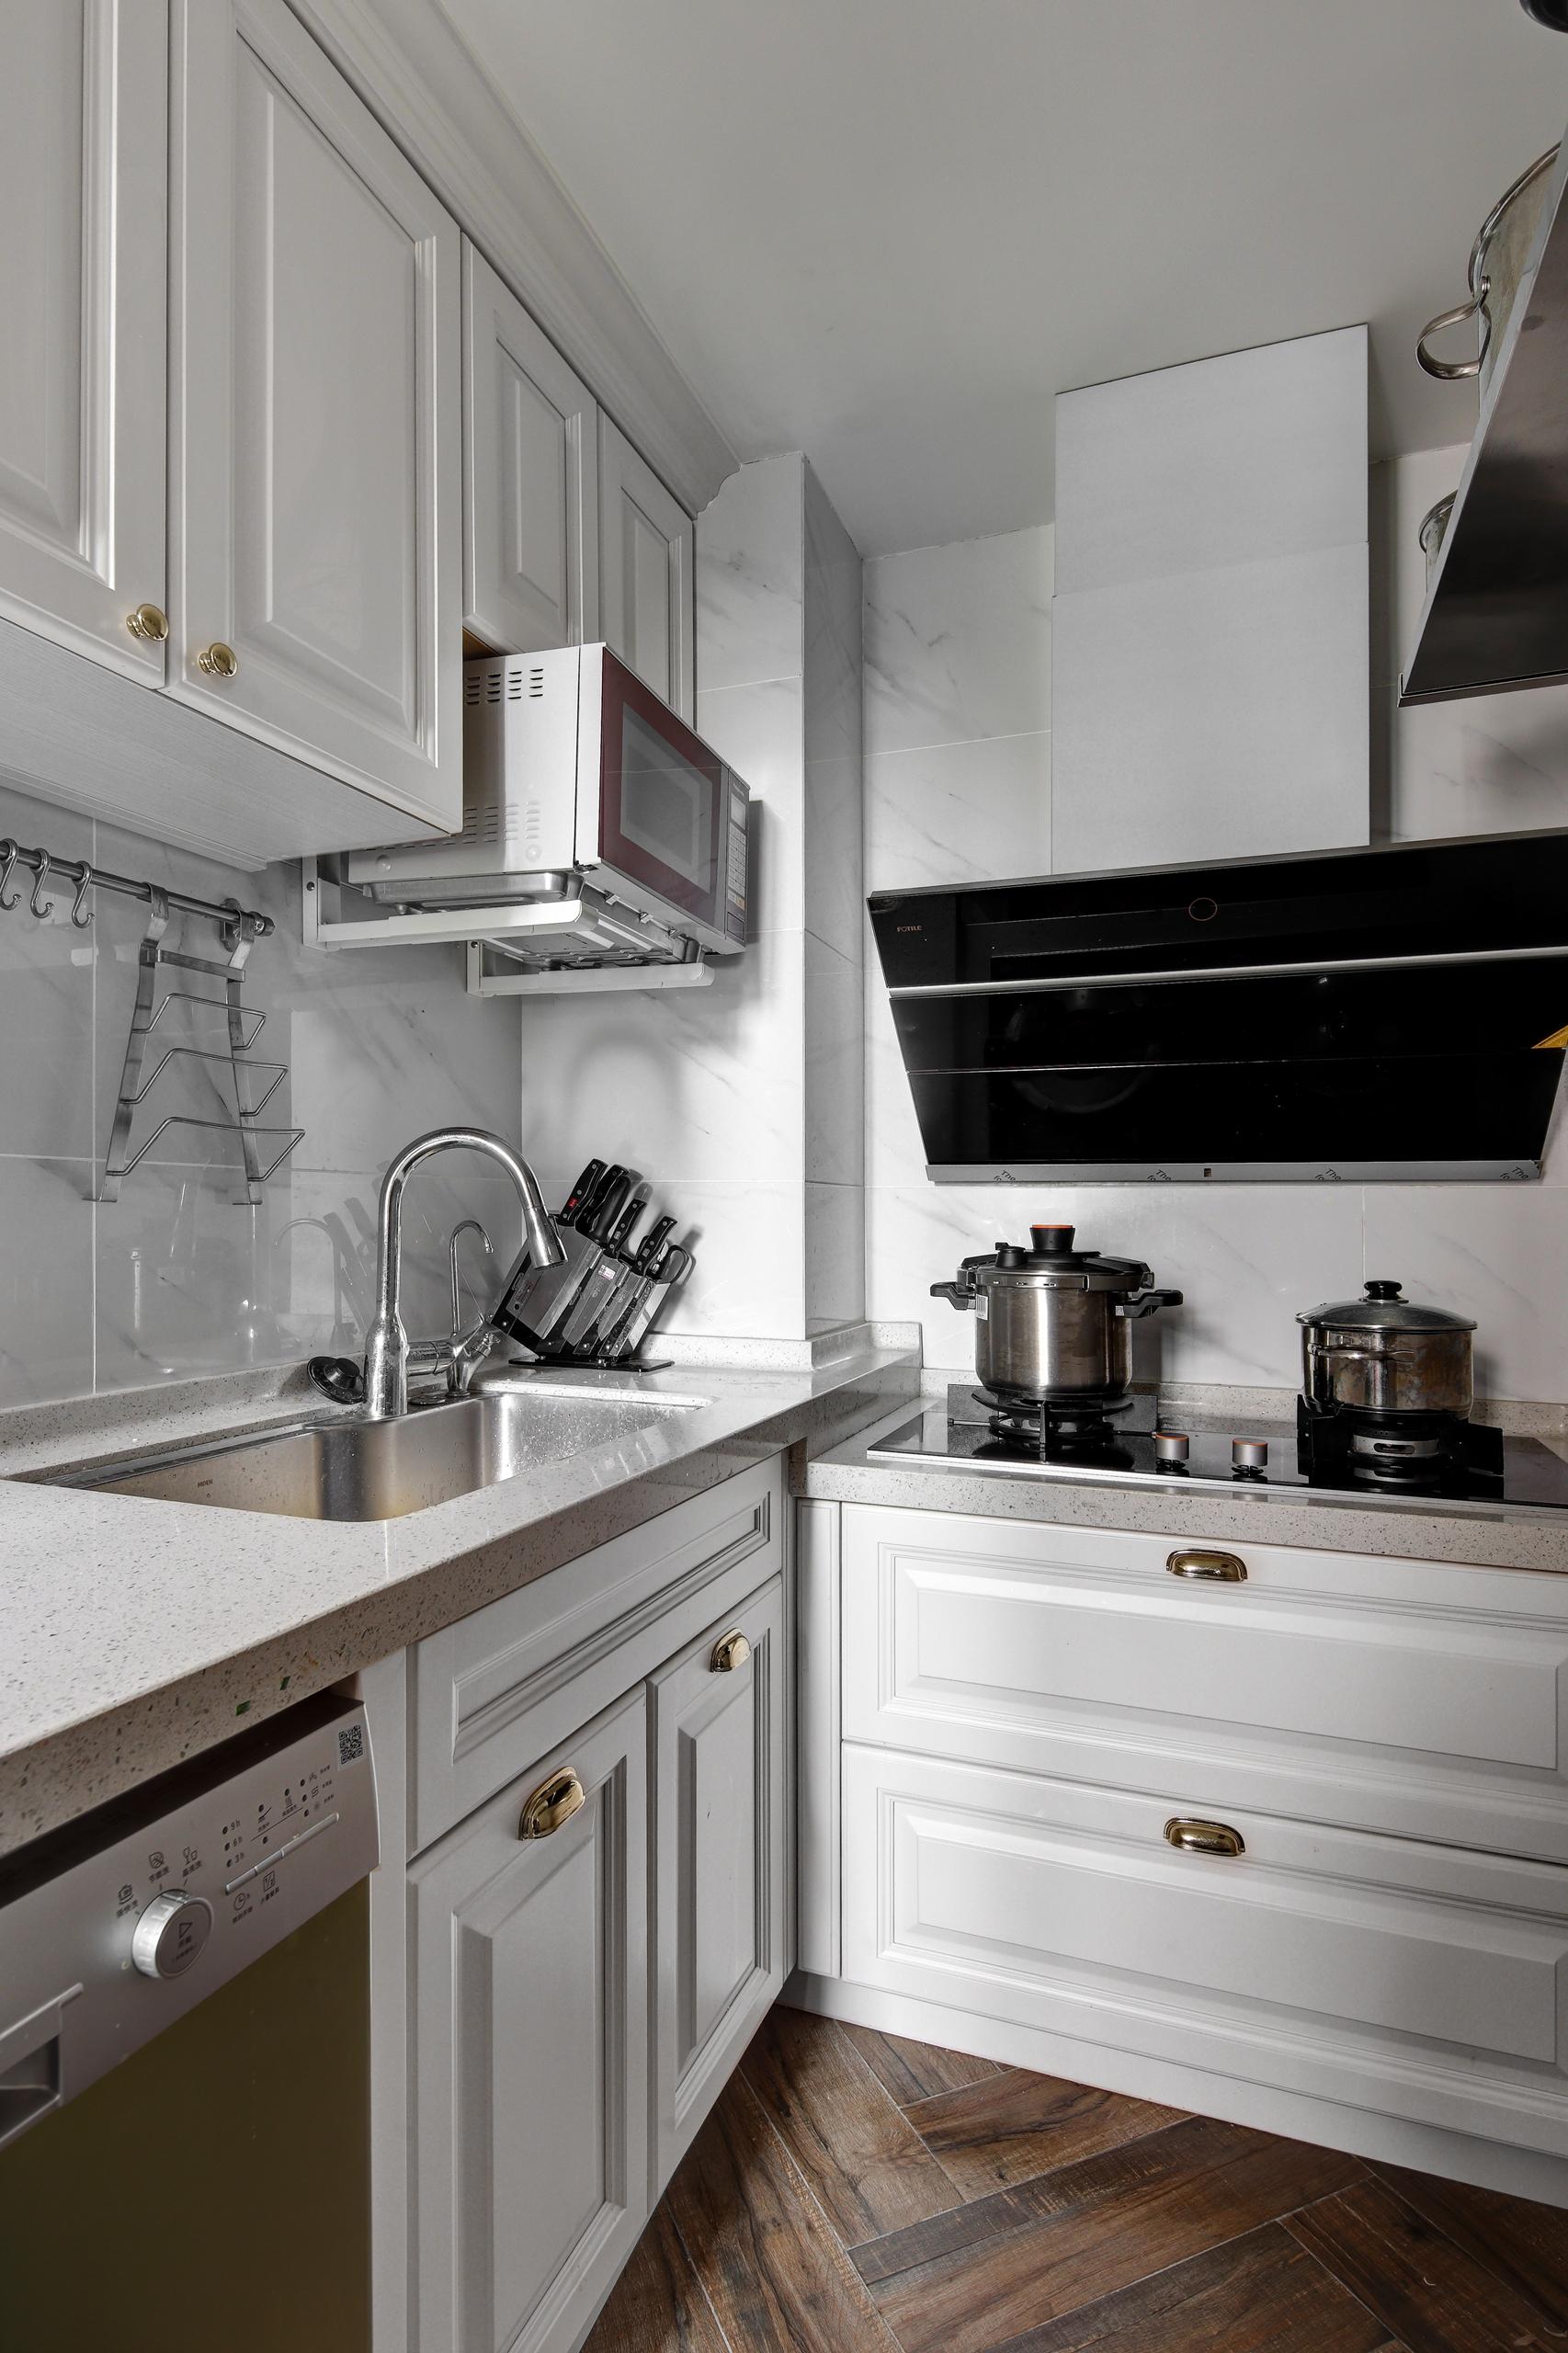 悠雅87平简约三居厨房效果图片大全餐厅现代简约厨房设计图片赏析